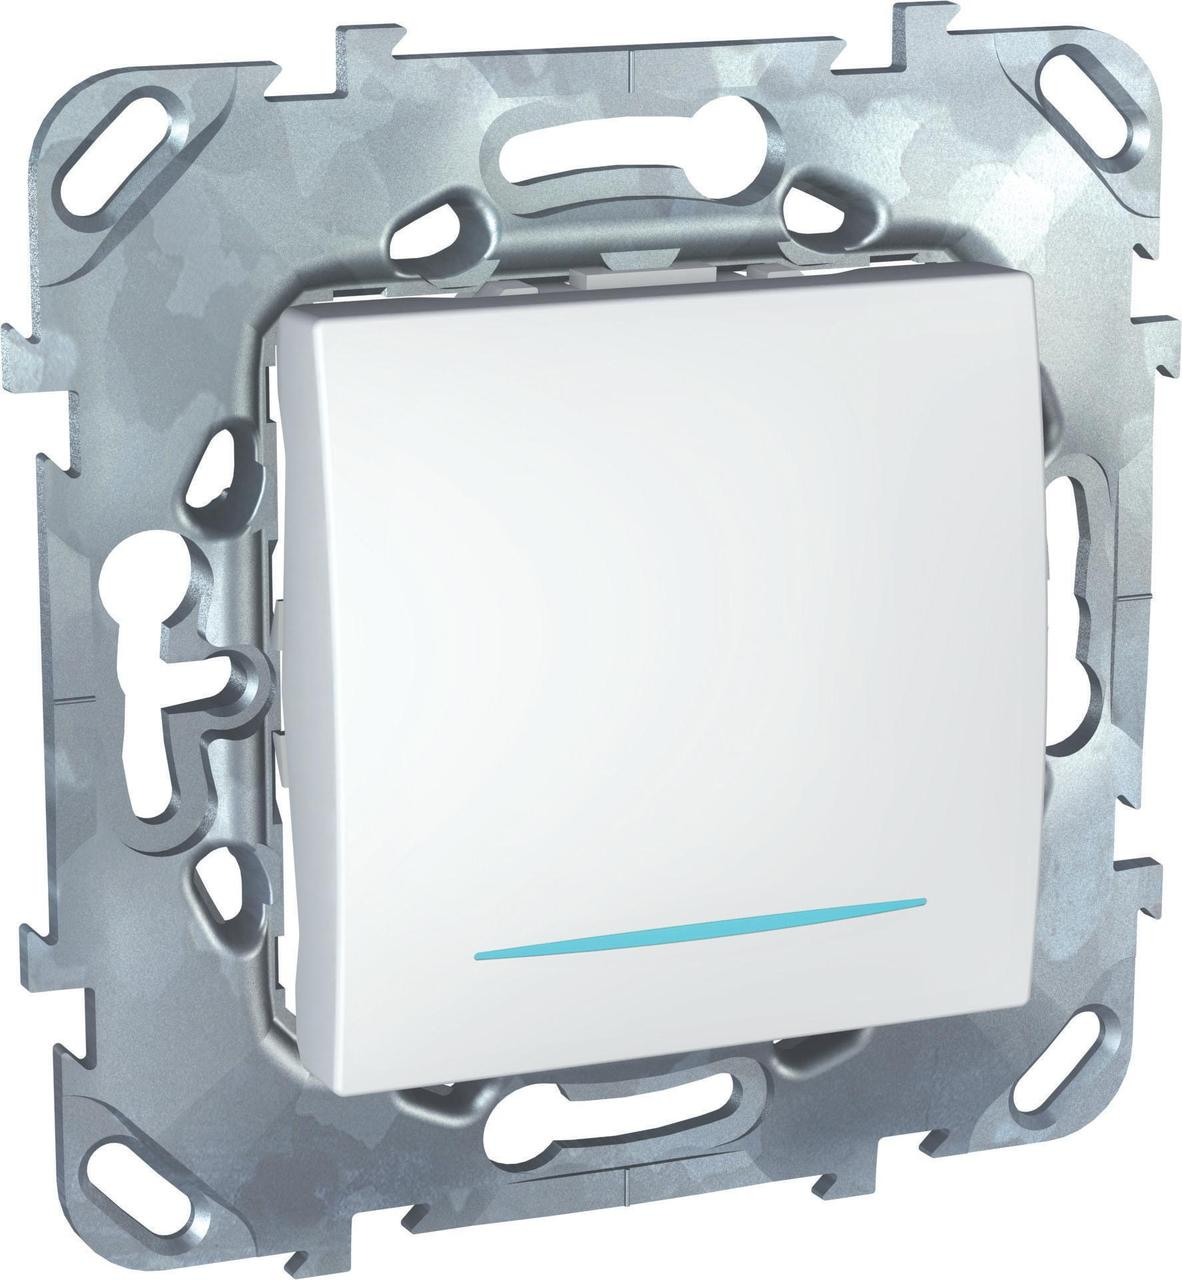 Выключатель 1-клавишный; кнопочный с подсветкой , Белый, серия Unica, Schneider Electric